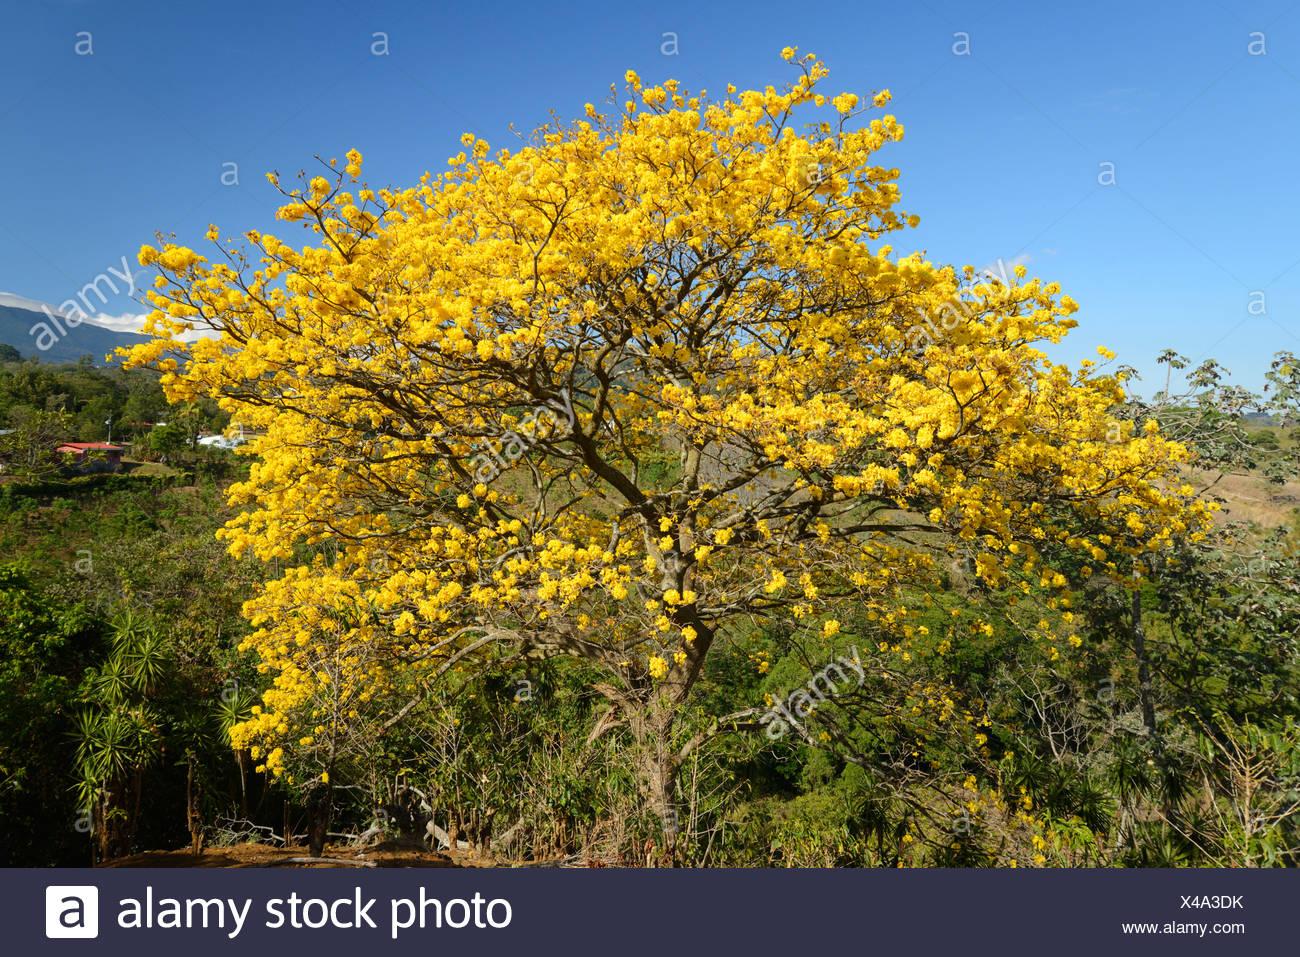 America centrale, Costa Rica, San Jose, Schizolobium tree, fiore, bloom, giallo, natura, San Jose, Immagini Stock